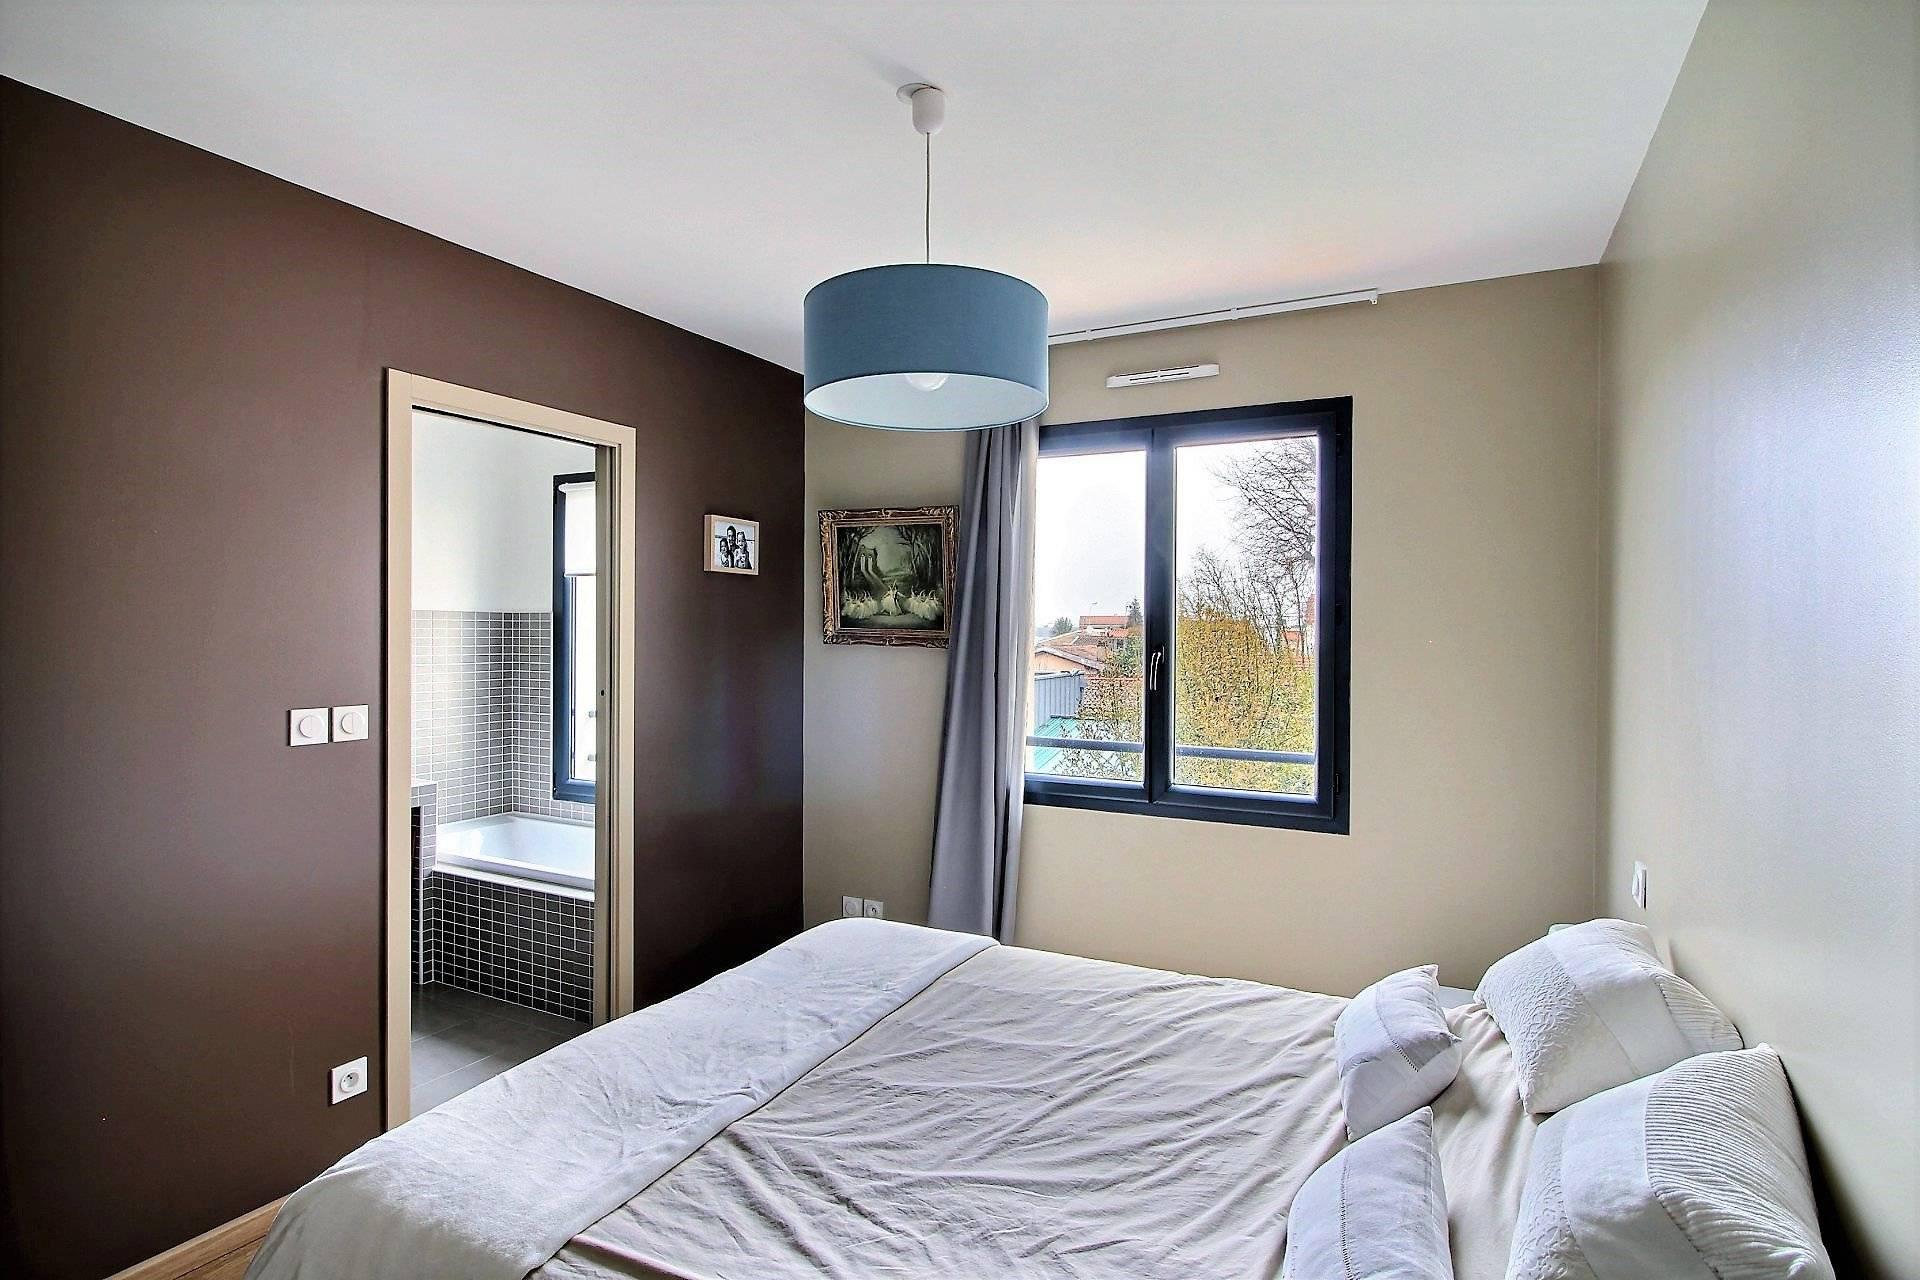 Maison contemporaine familiale 4 chambres vendre proche bordeaux le bouscat coldwell banker - Maison contemporaine bordeaux ...